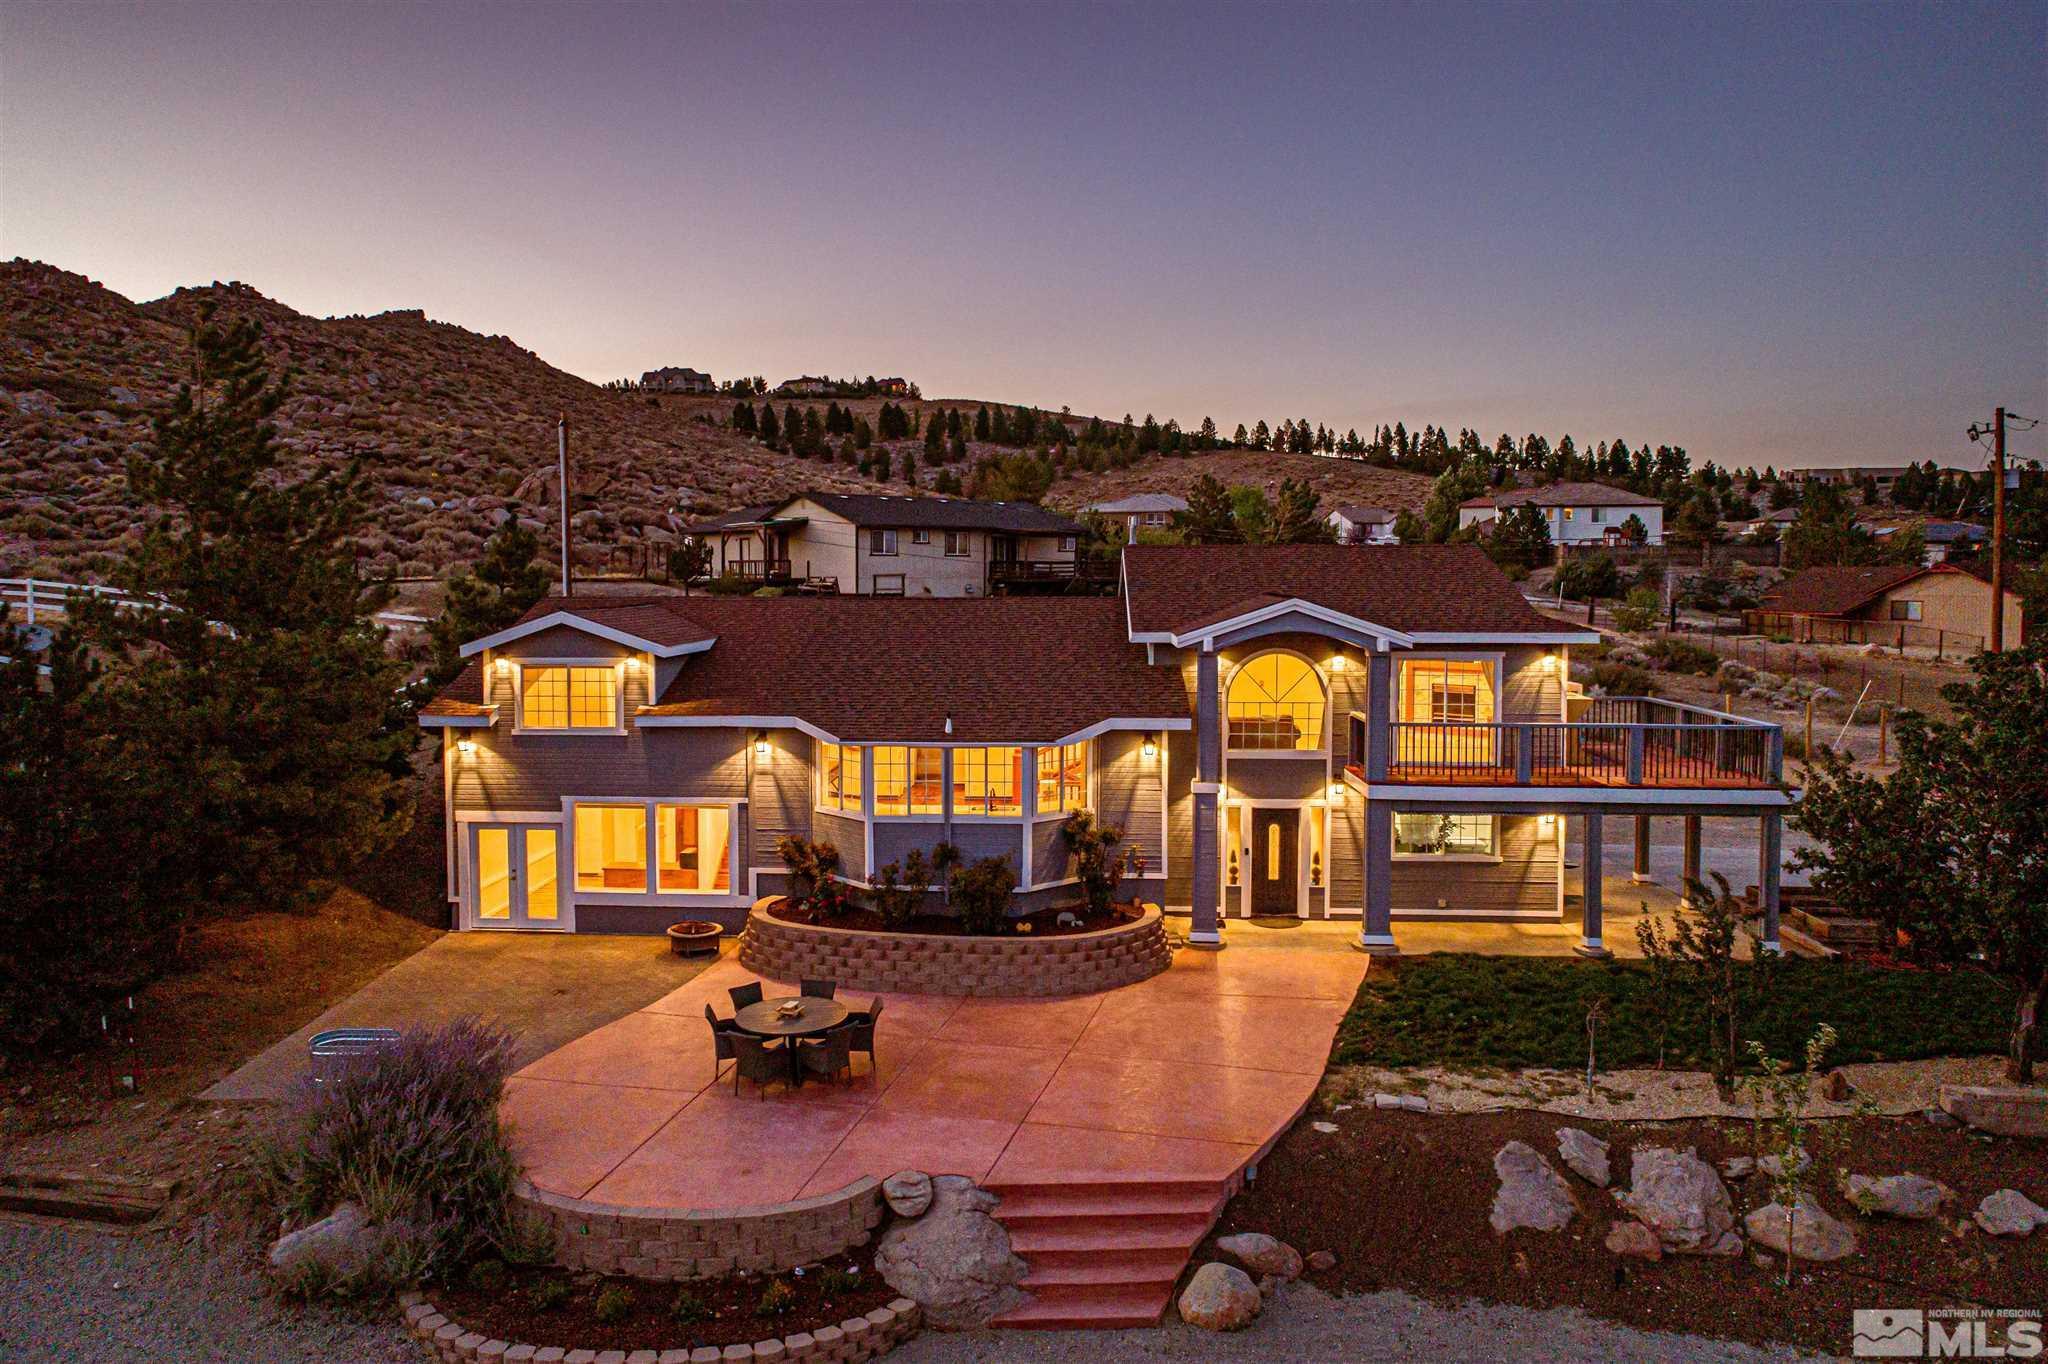 Image for 8445 Doretta, Reno, NV 89523-9720